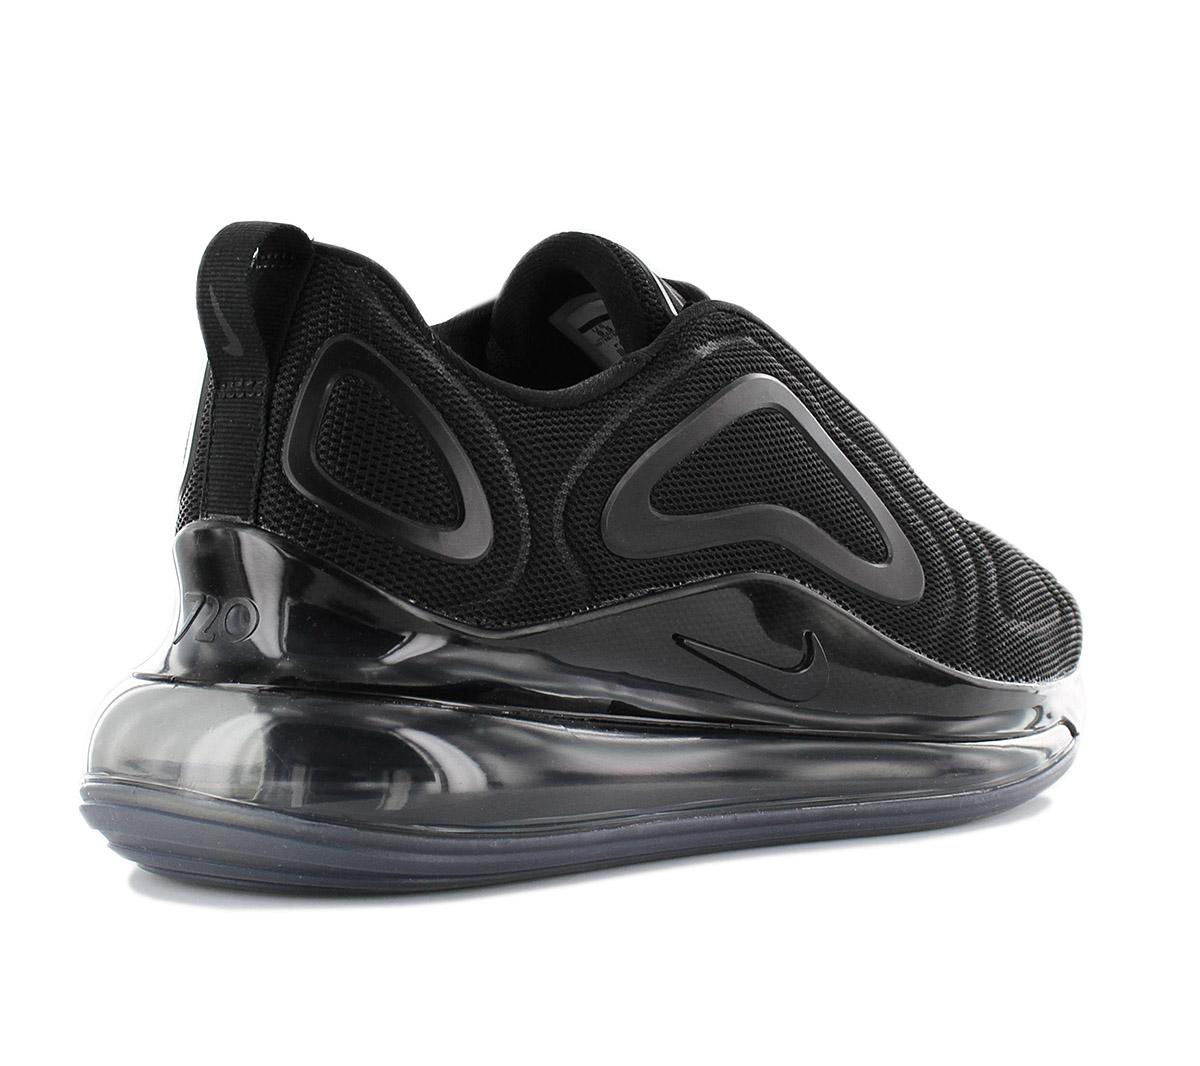 Nike Air Max 720 AO2924 007